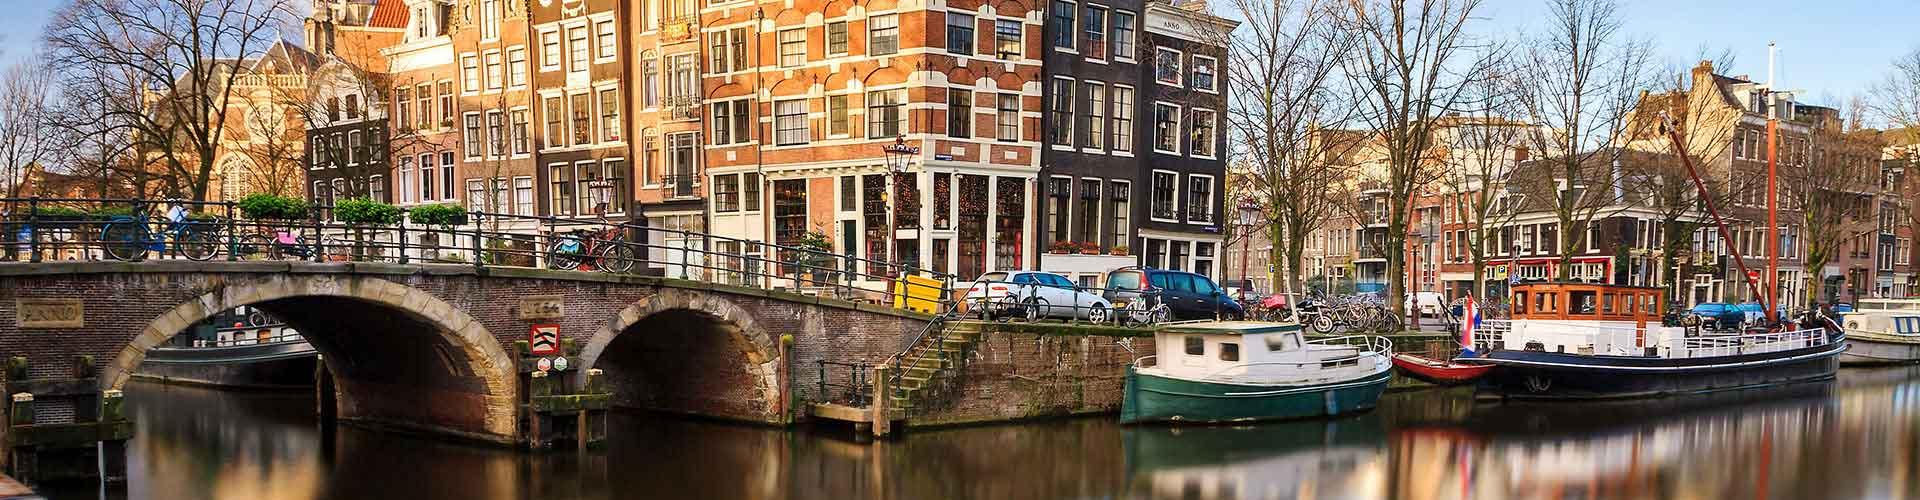 Amsterdam – Camping próximos de Amsterdam Holendrecht estação ferroviária. Mapas para Amsterdam, Fotos e Avaliações para cada camping em Amsterdam.